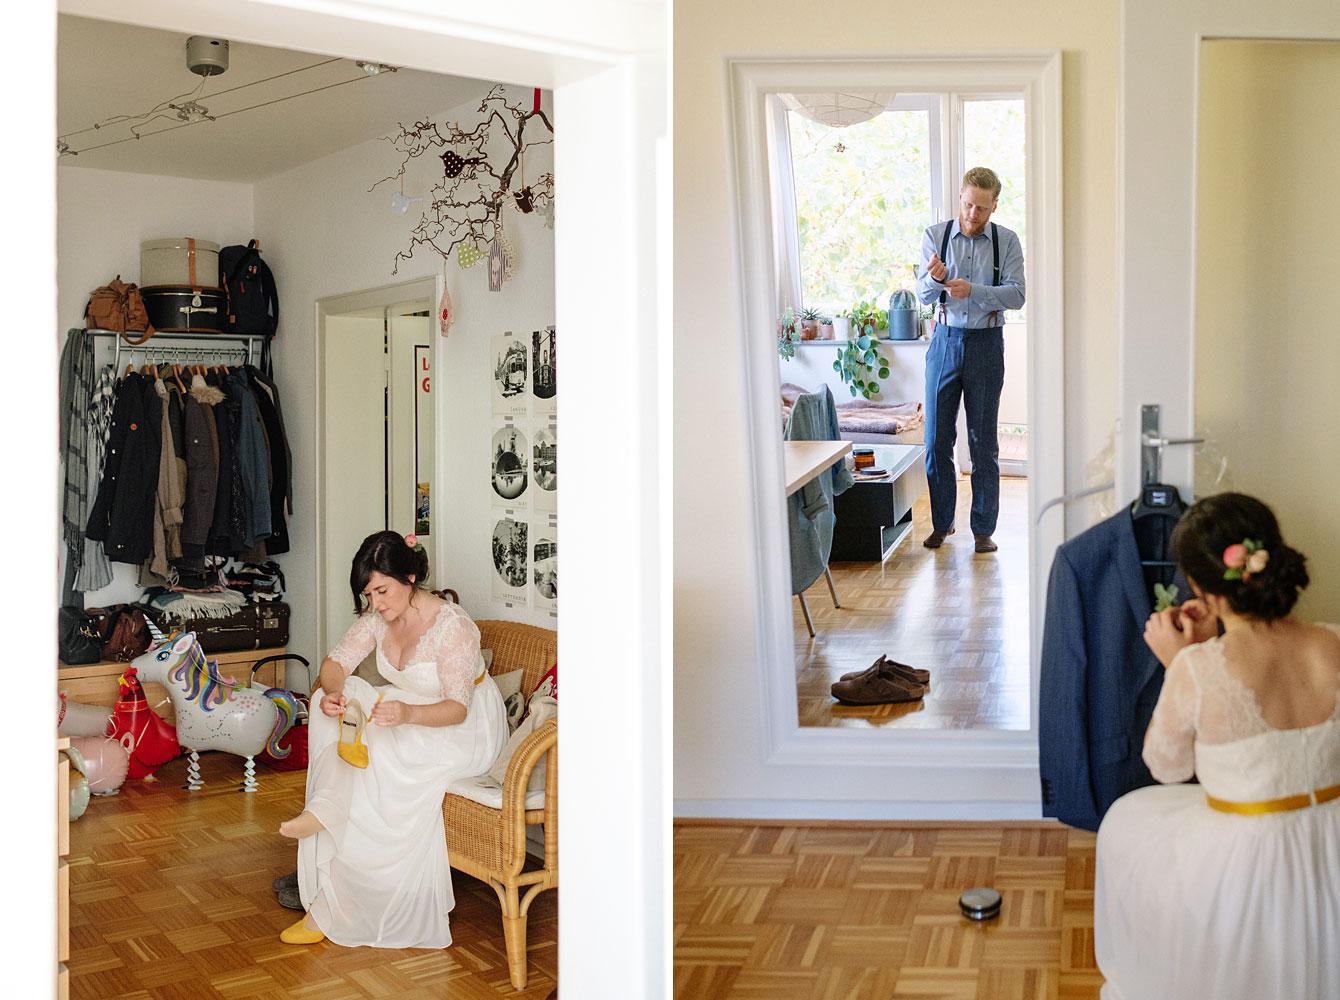 Mode Gold Ring Für Frauen Hochzeit Ring Engagement Jahrestag Mädchen Geschenk Mode Schmuck Um Der Bequemlichkeit Des Volkes Zu Entsprechen Eheringe